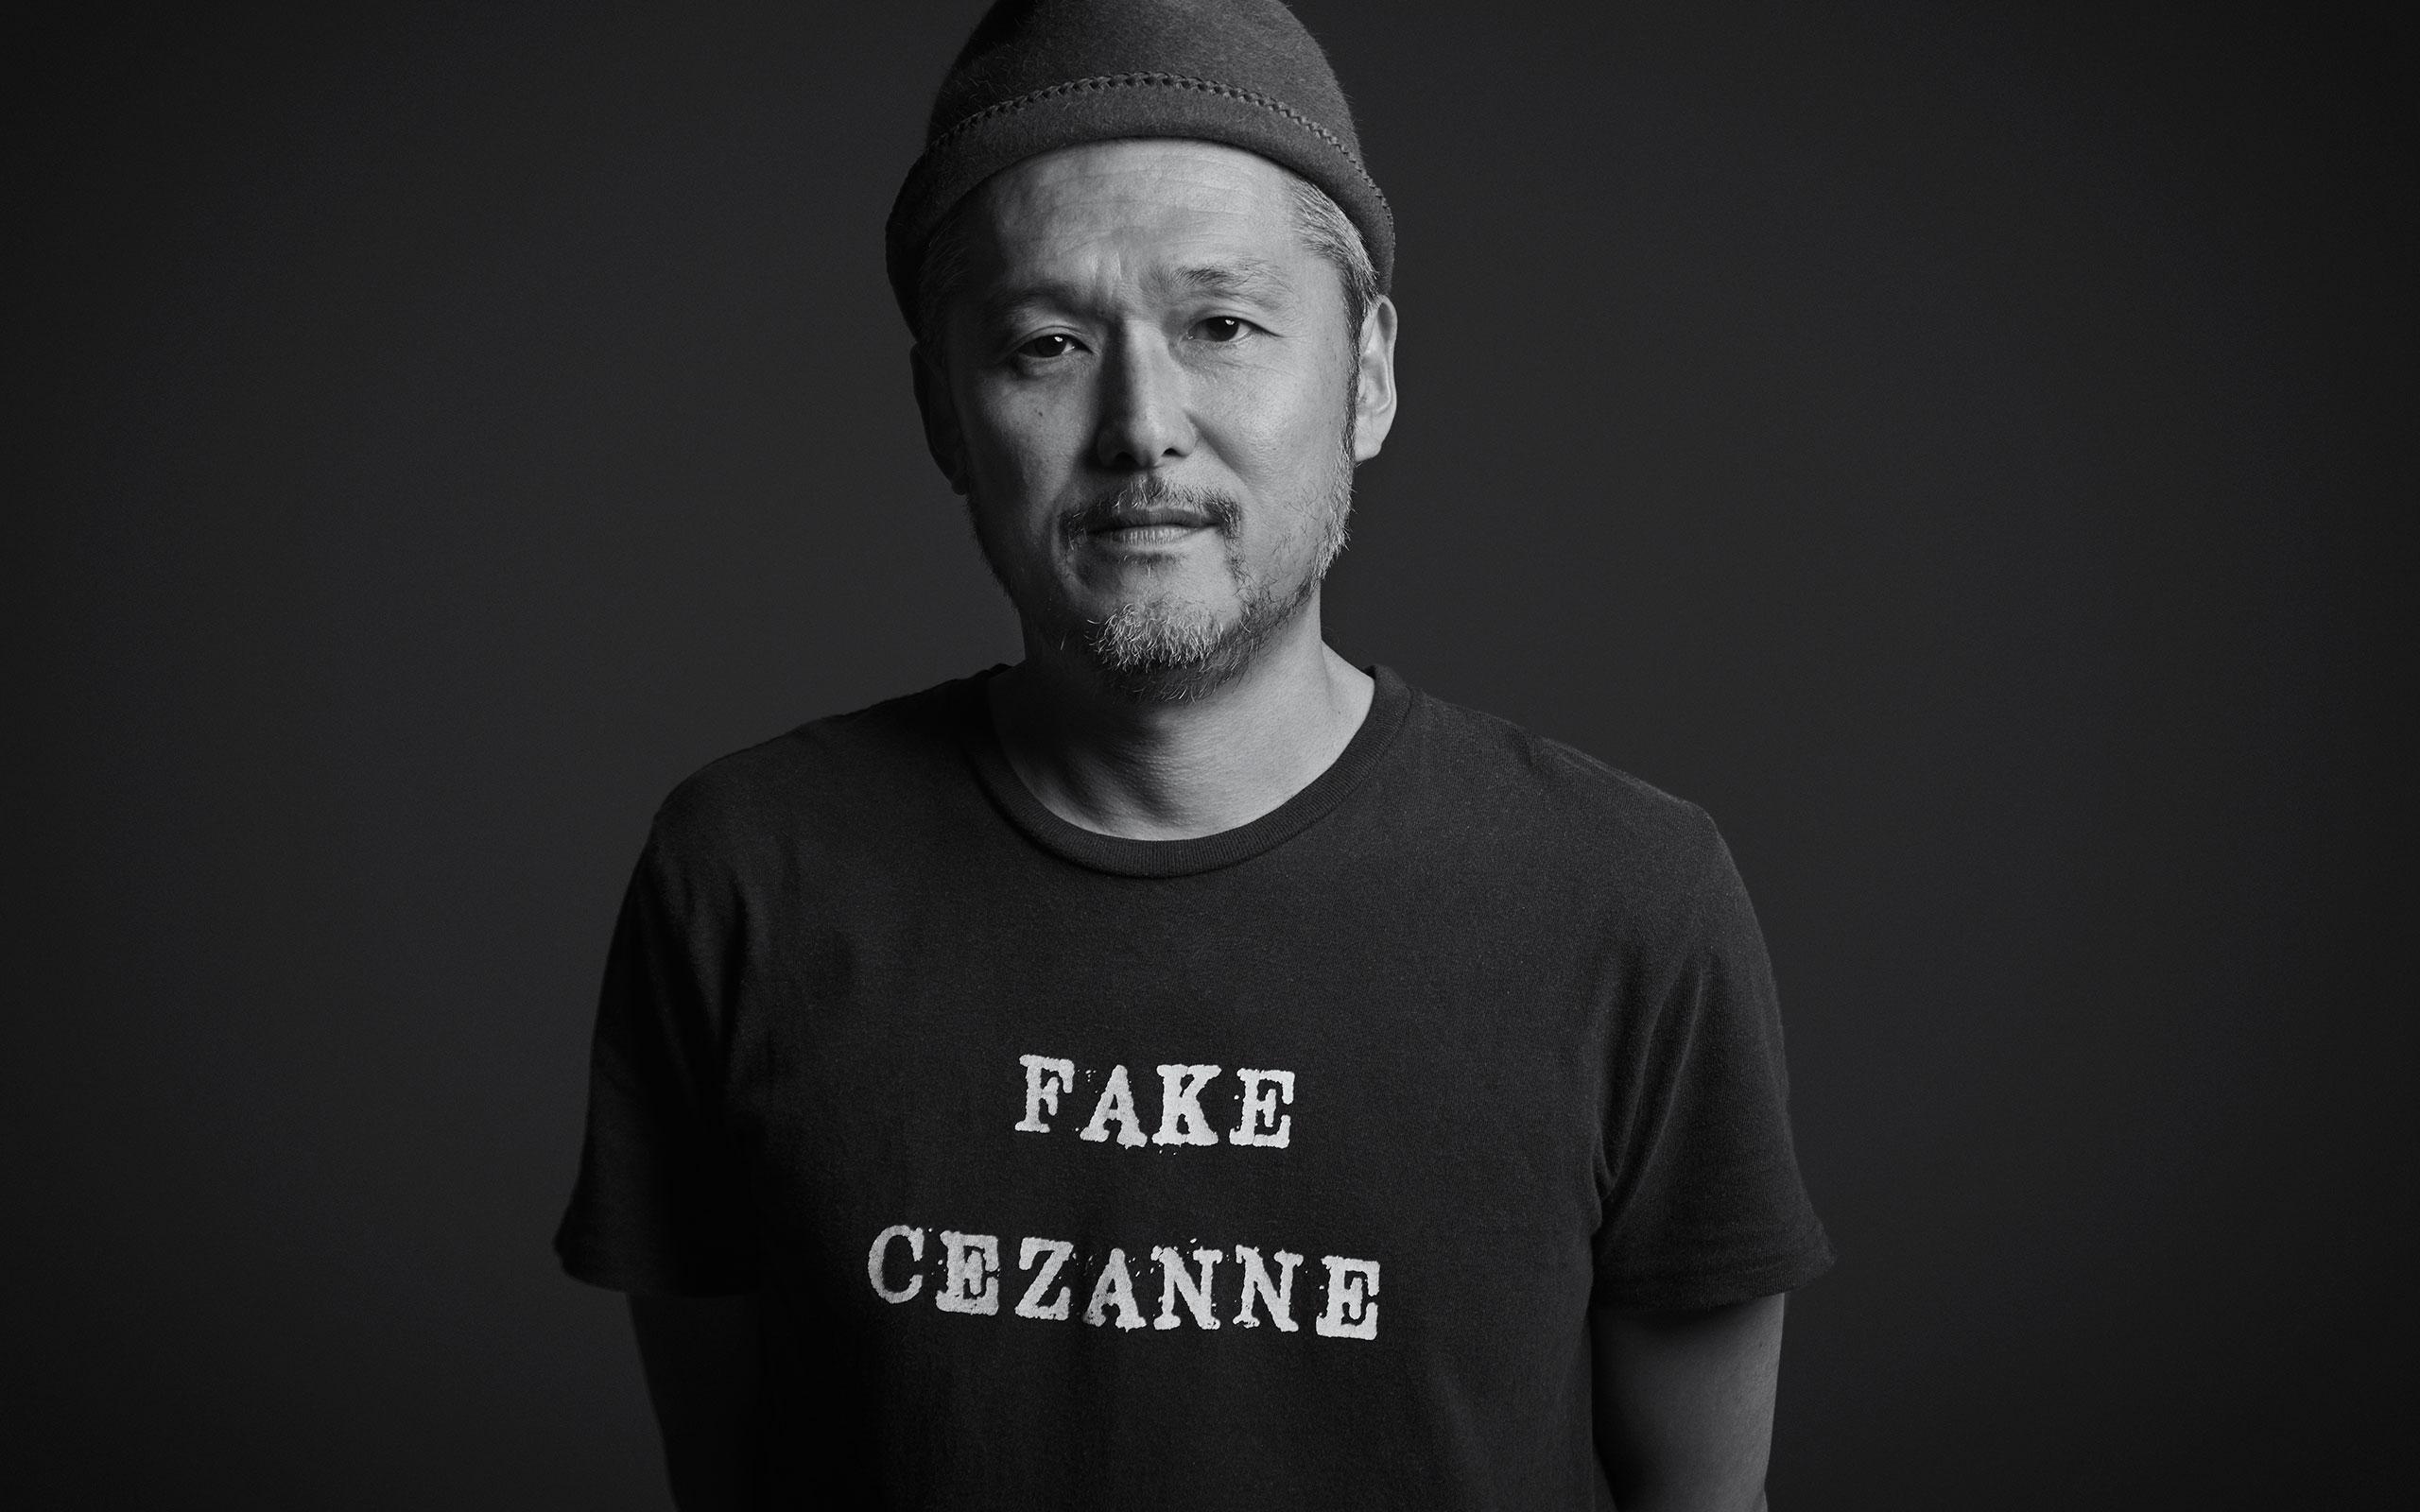 サブカルチャーから現代アートの最先端まで辿り着いた画家・五木田智央インタビュー